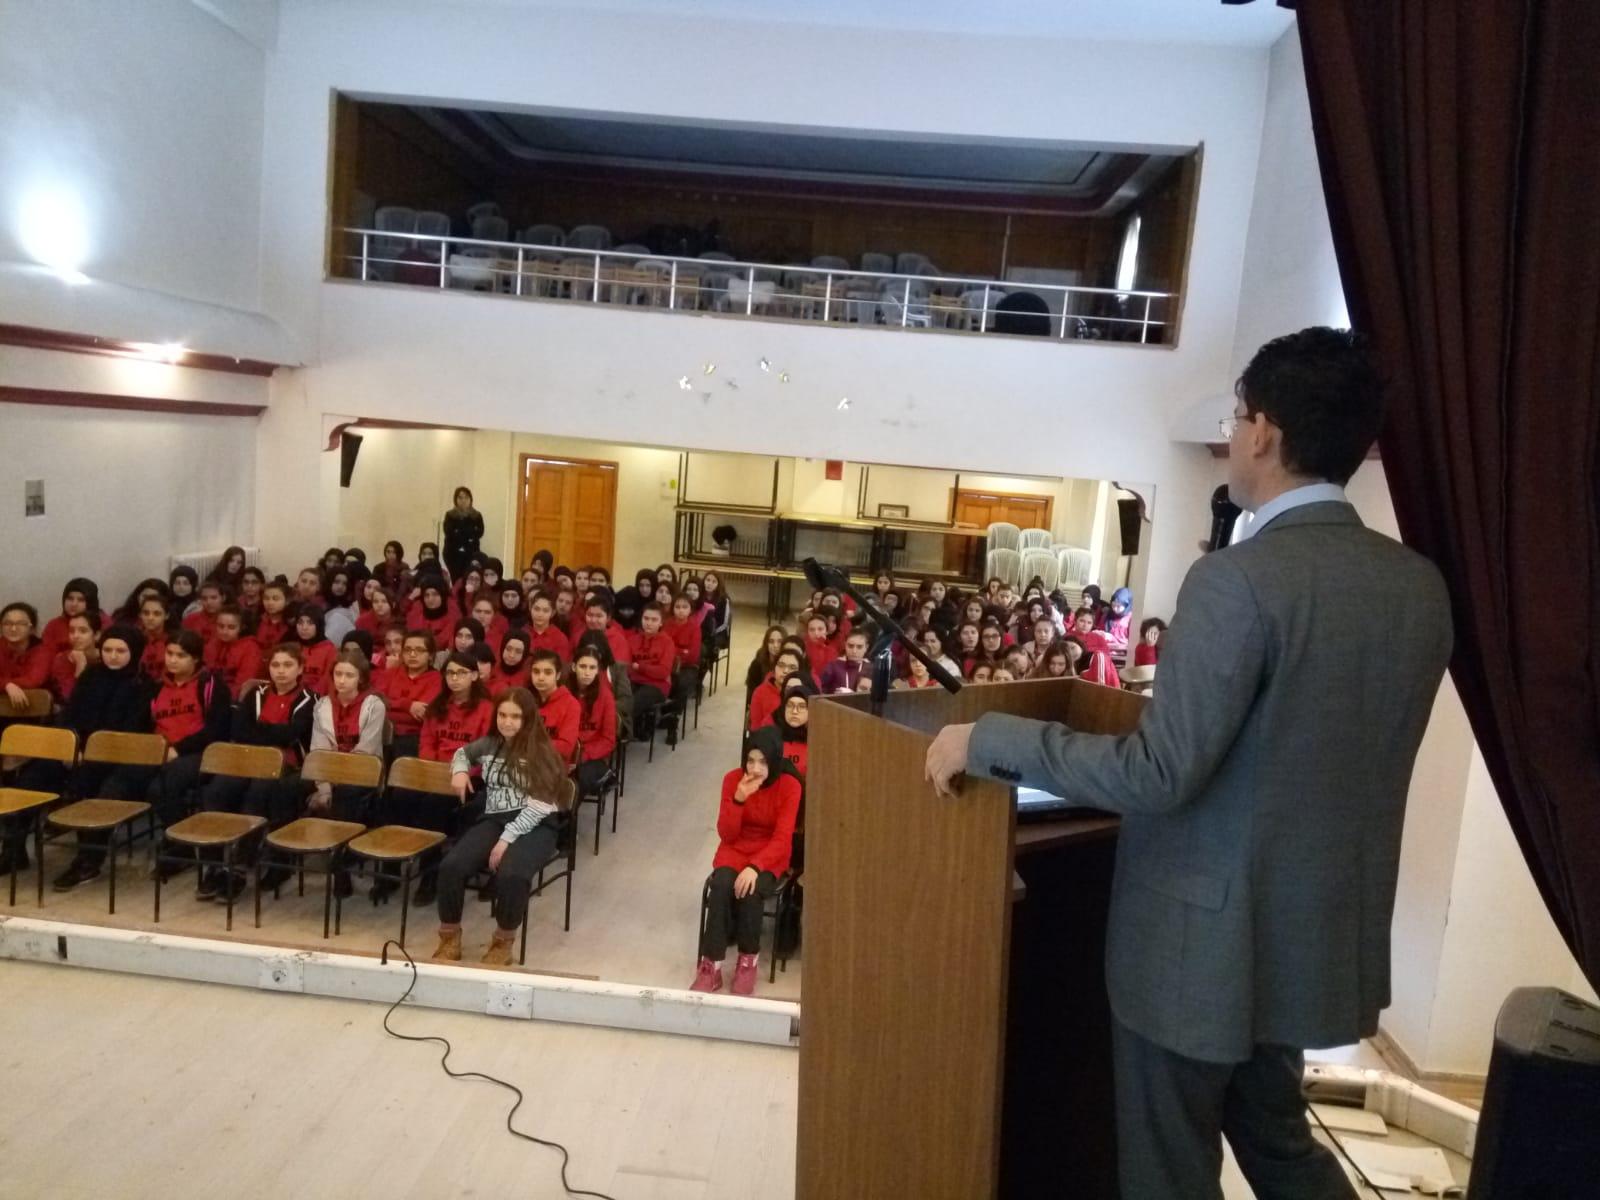 Kastamonu 10 Aralık Mesleki ve Teknik Anadolu Lisesi, Bilinçli Ve Güvenli İnternet Semineri